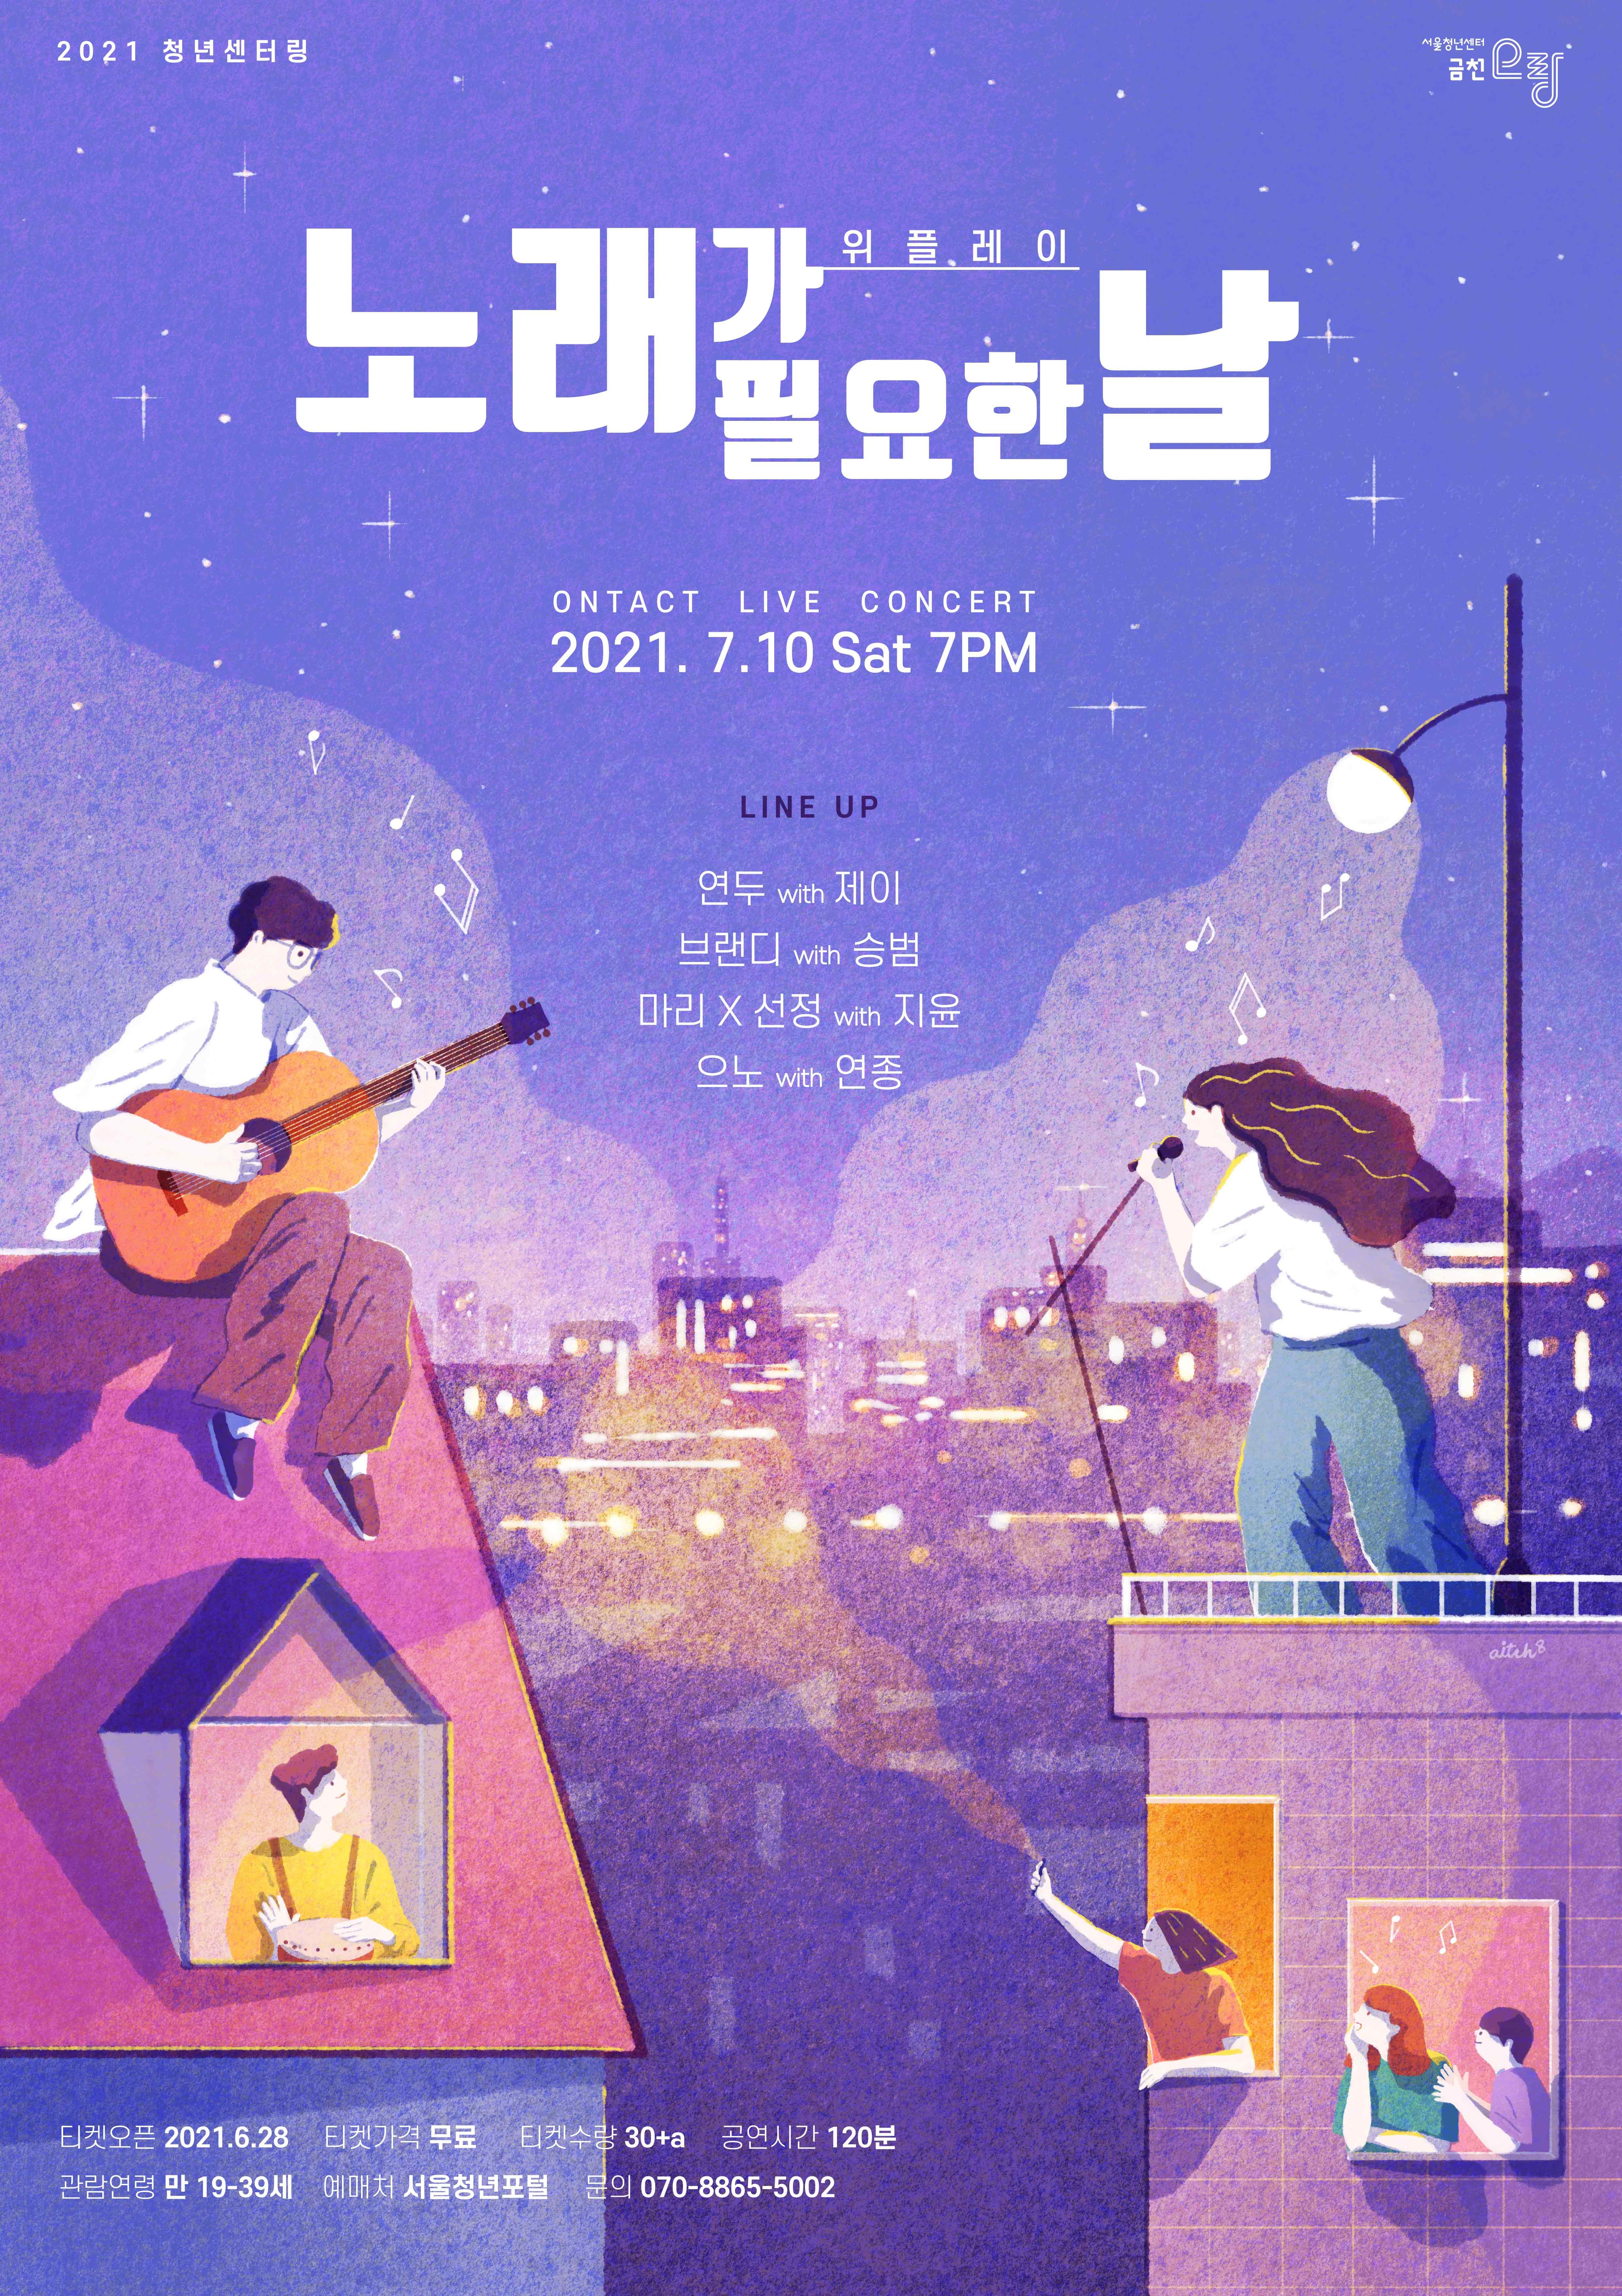 """[서울청년센터 금천 오랑] 위플레이 """"노래가 필요한 날"""" 공연 안내"""